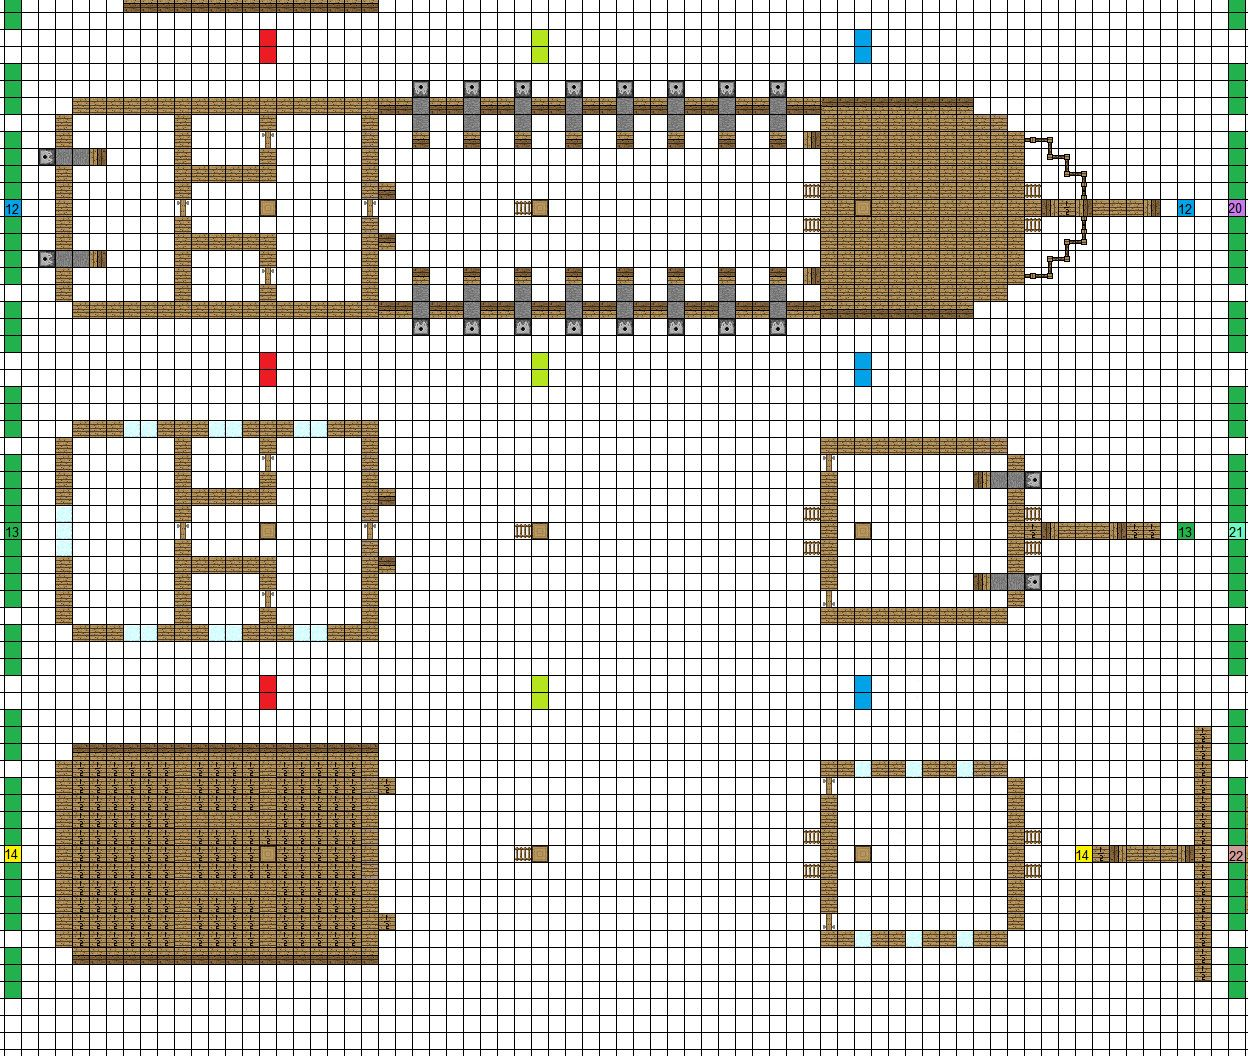 как построить такой же дом большой как в деревне в майнкрафте схема #11